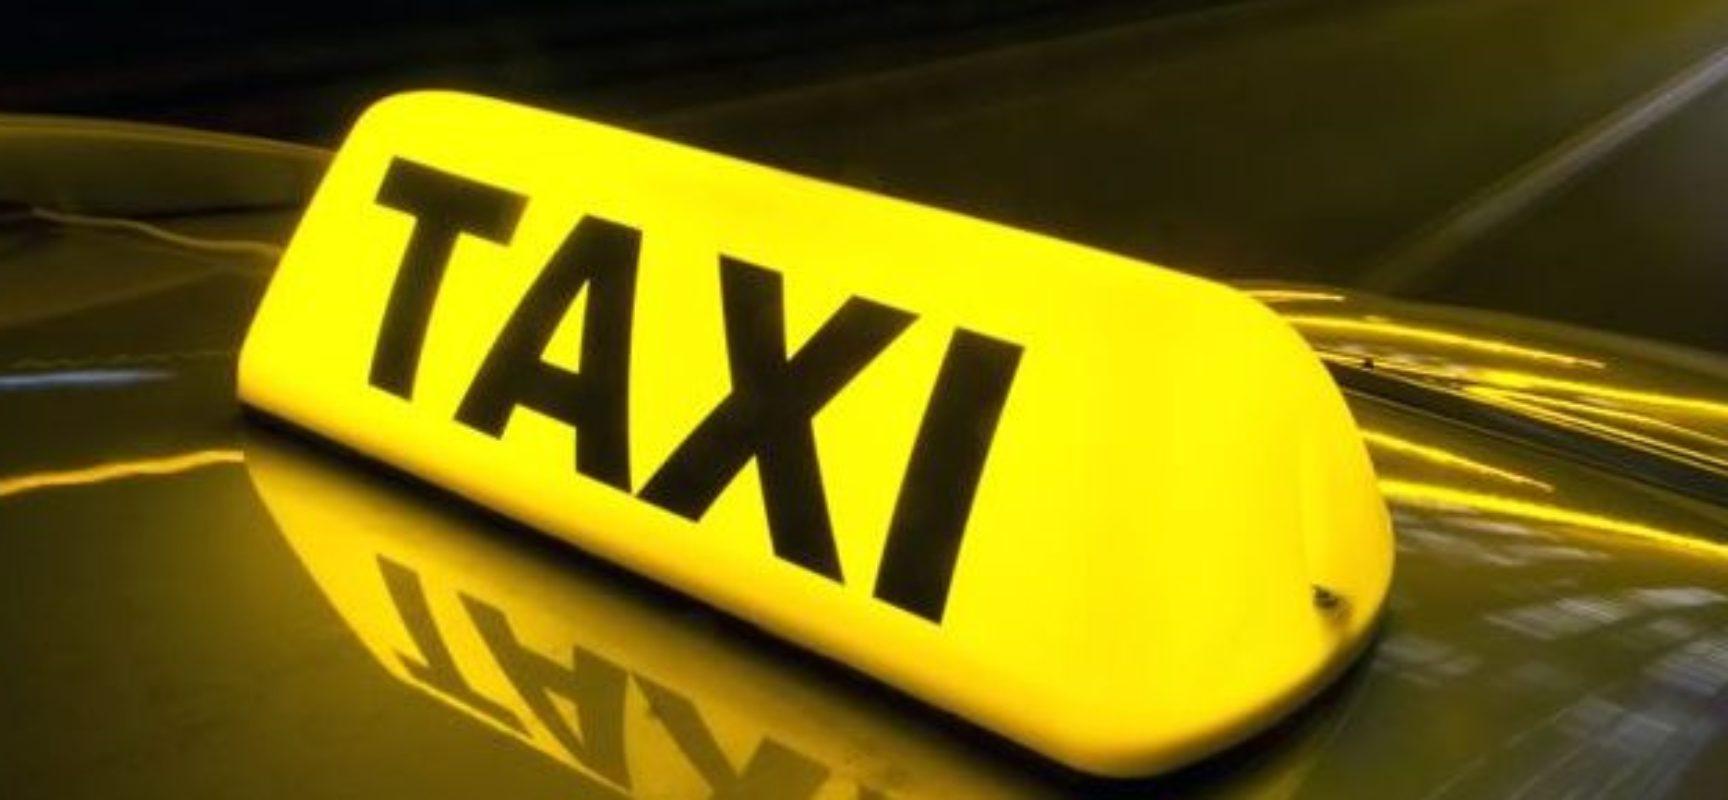 MP: Acordo suspende exigência de renovação de frota de táxis e transporte escolar